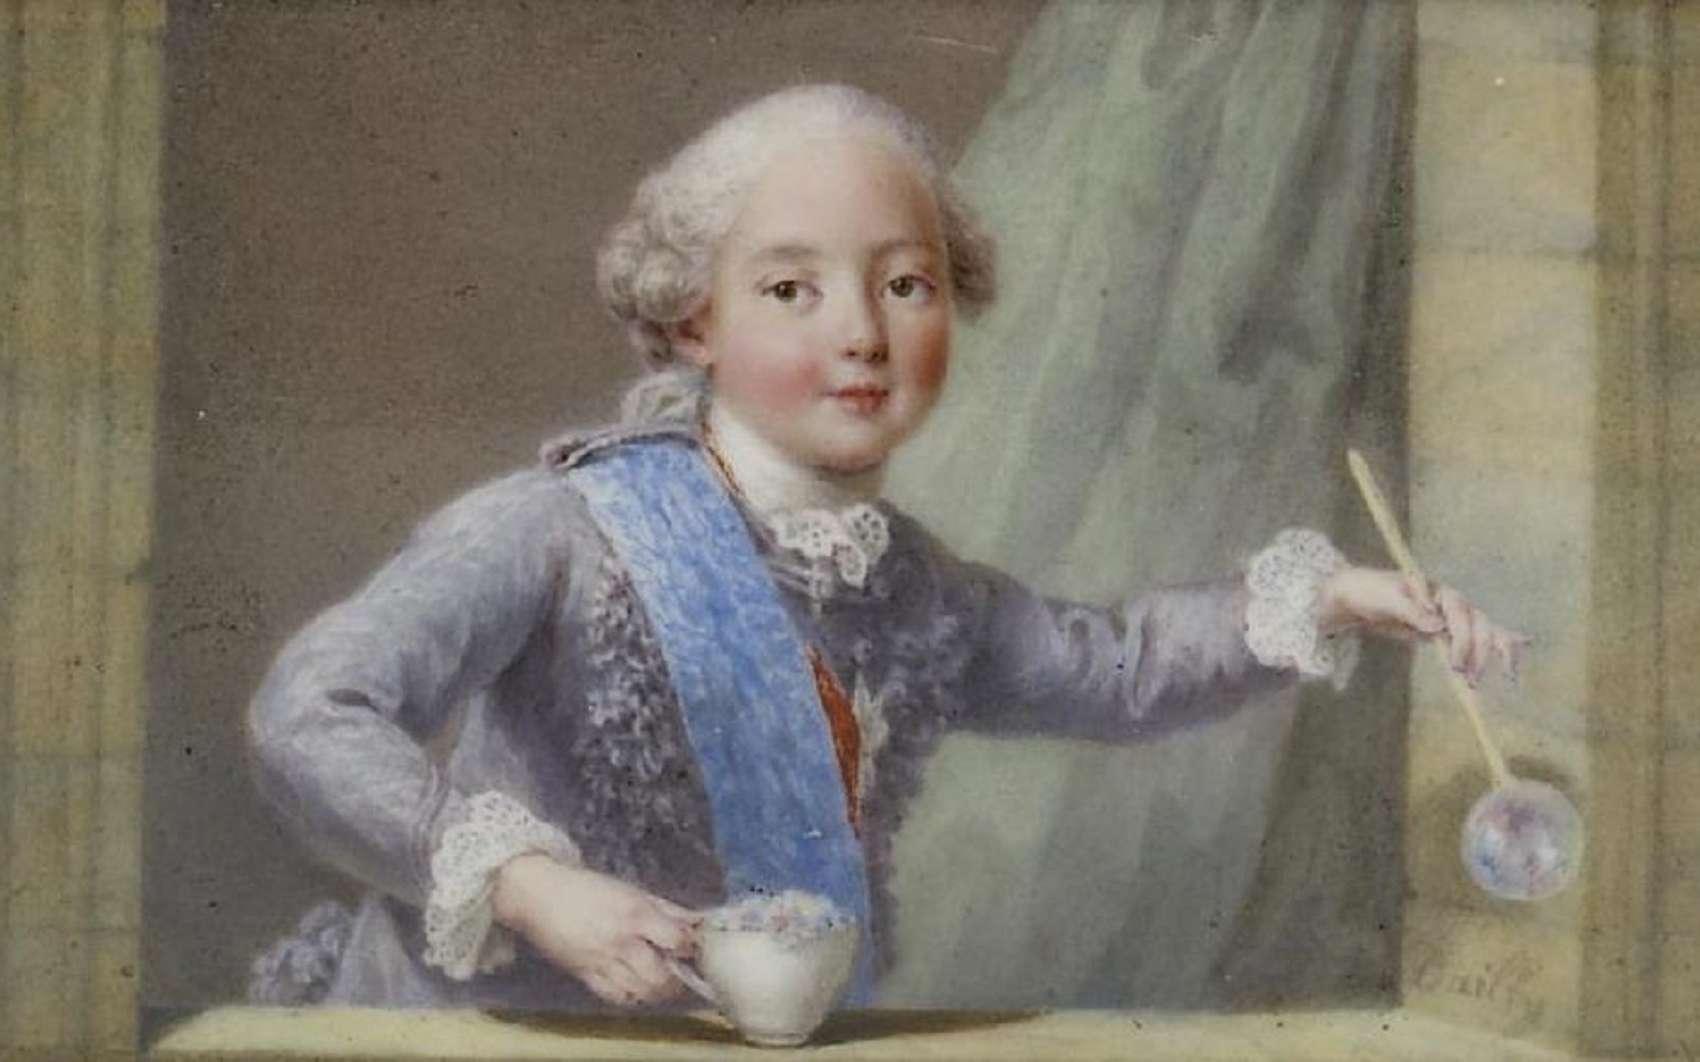 Portrait de Philippe de France, duc d'Anjou, plus jeune fils du roi Louis XV, peint par Barrière et Dailly en 1761. Walters Art Museum, Baltimore, USA. © Wikimedia Commons, domaine public.